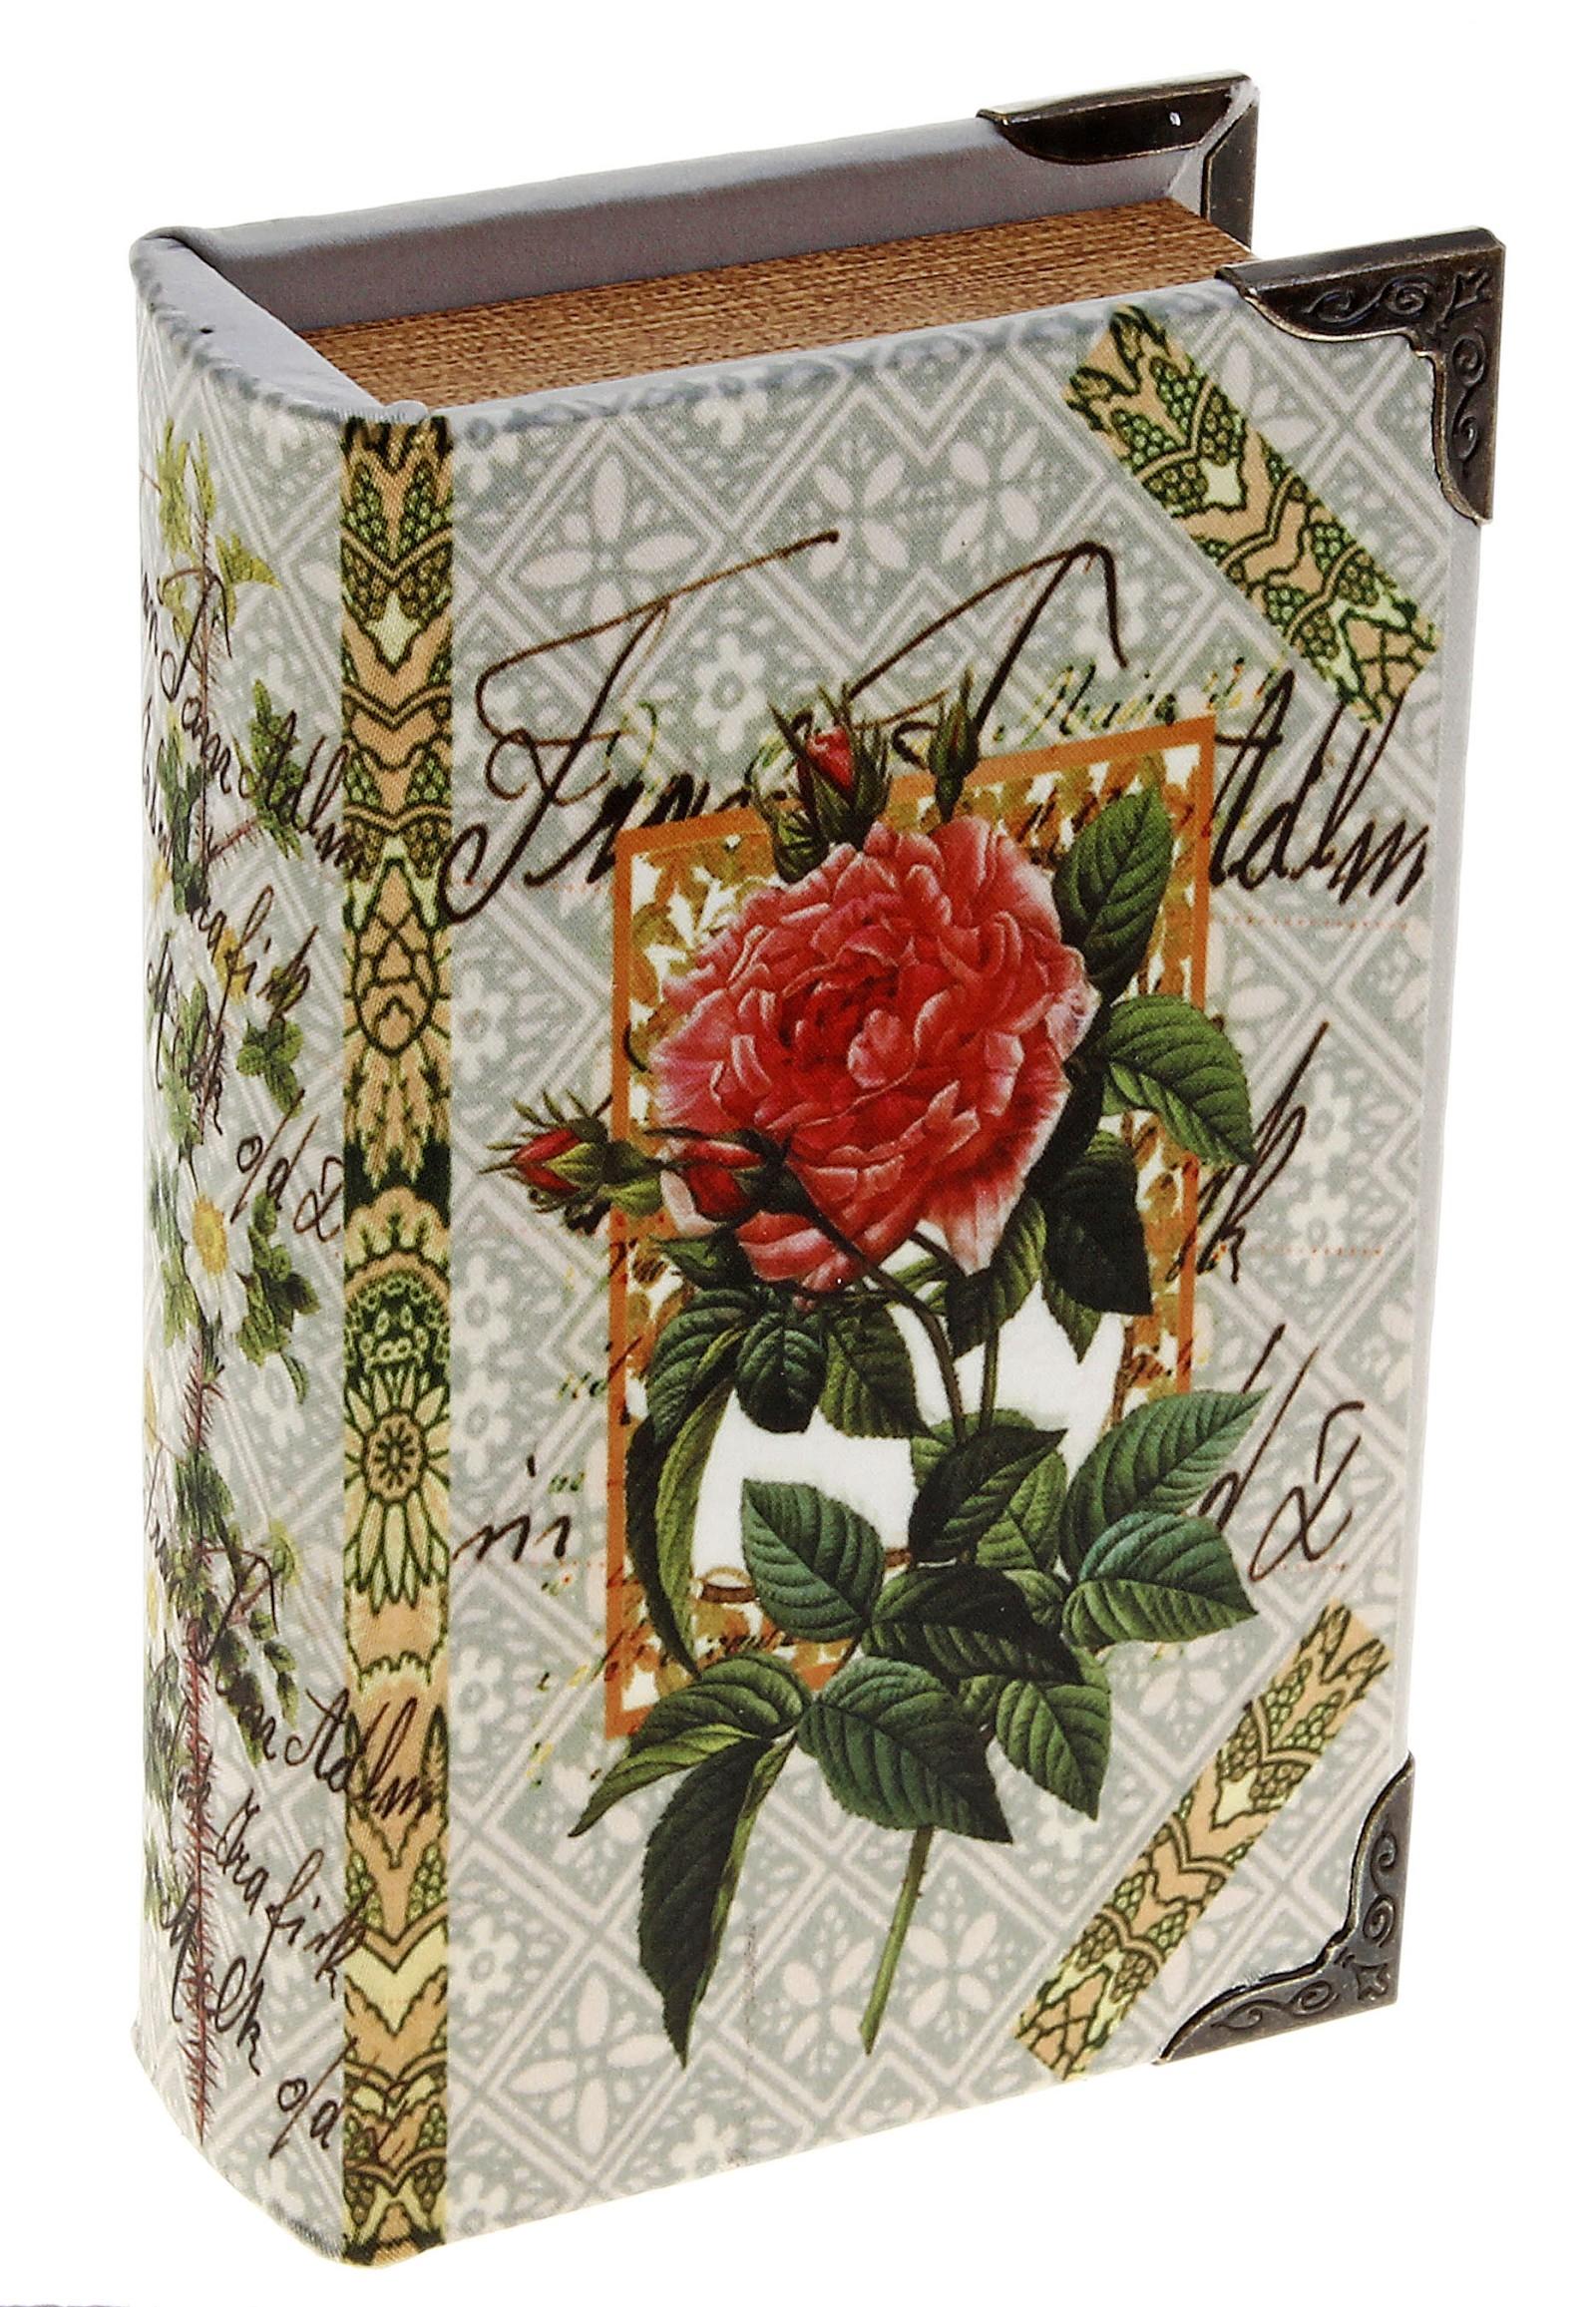 Шкатулка Садовая роза. 521796521796Шкатулка Садовая роза, выполненная в виде книги, не оставит равнодушной ни одну любительницу изысканных вещей. Шкатулка изготовлена из дерева и обтянута шелком с изображением розы. Внутренняя поверхность шкатулки отделана искусственной кожей. Углы шкатулки декорированы металлическими уголками. Сочетание оригинального дизайна и функциональности сделает такую шкатулку практичным и стильным подарком, а также предметом гордости ее обладательницы. Характеристики: Материал: дерево, кожзаменитель, шелк, металл. Размер шкатулки: 11 см х 17 см х 5 см. Внутренный размер шкатулки: 7,5 см х 13,5 см х 4 см. Размер упаковки: 12 см х 18 см х 6 см. Артикул: 521796.